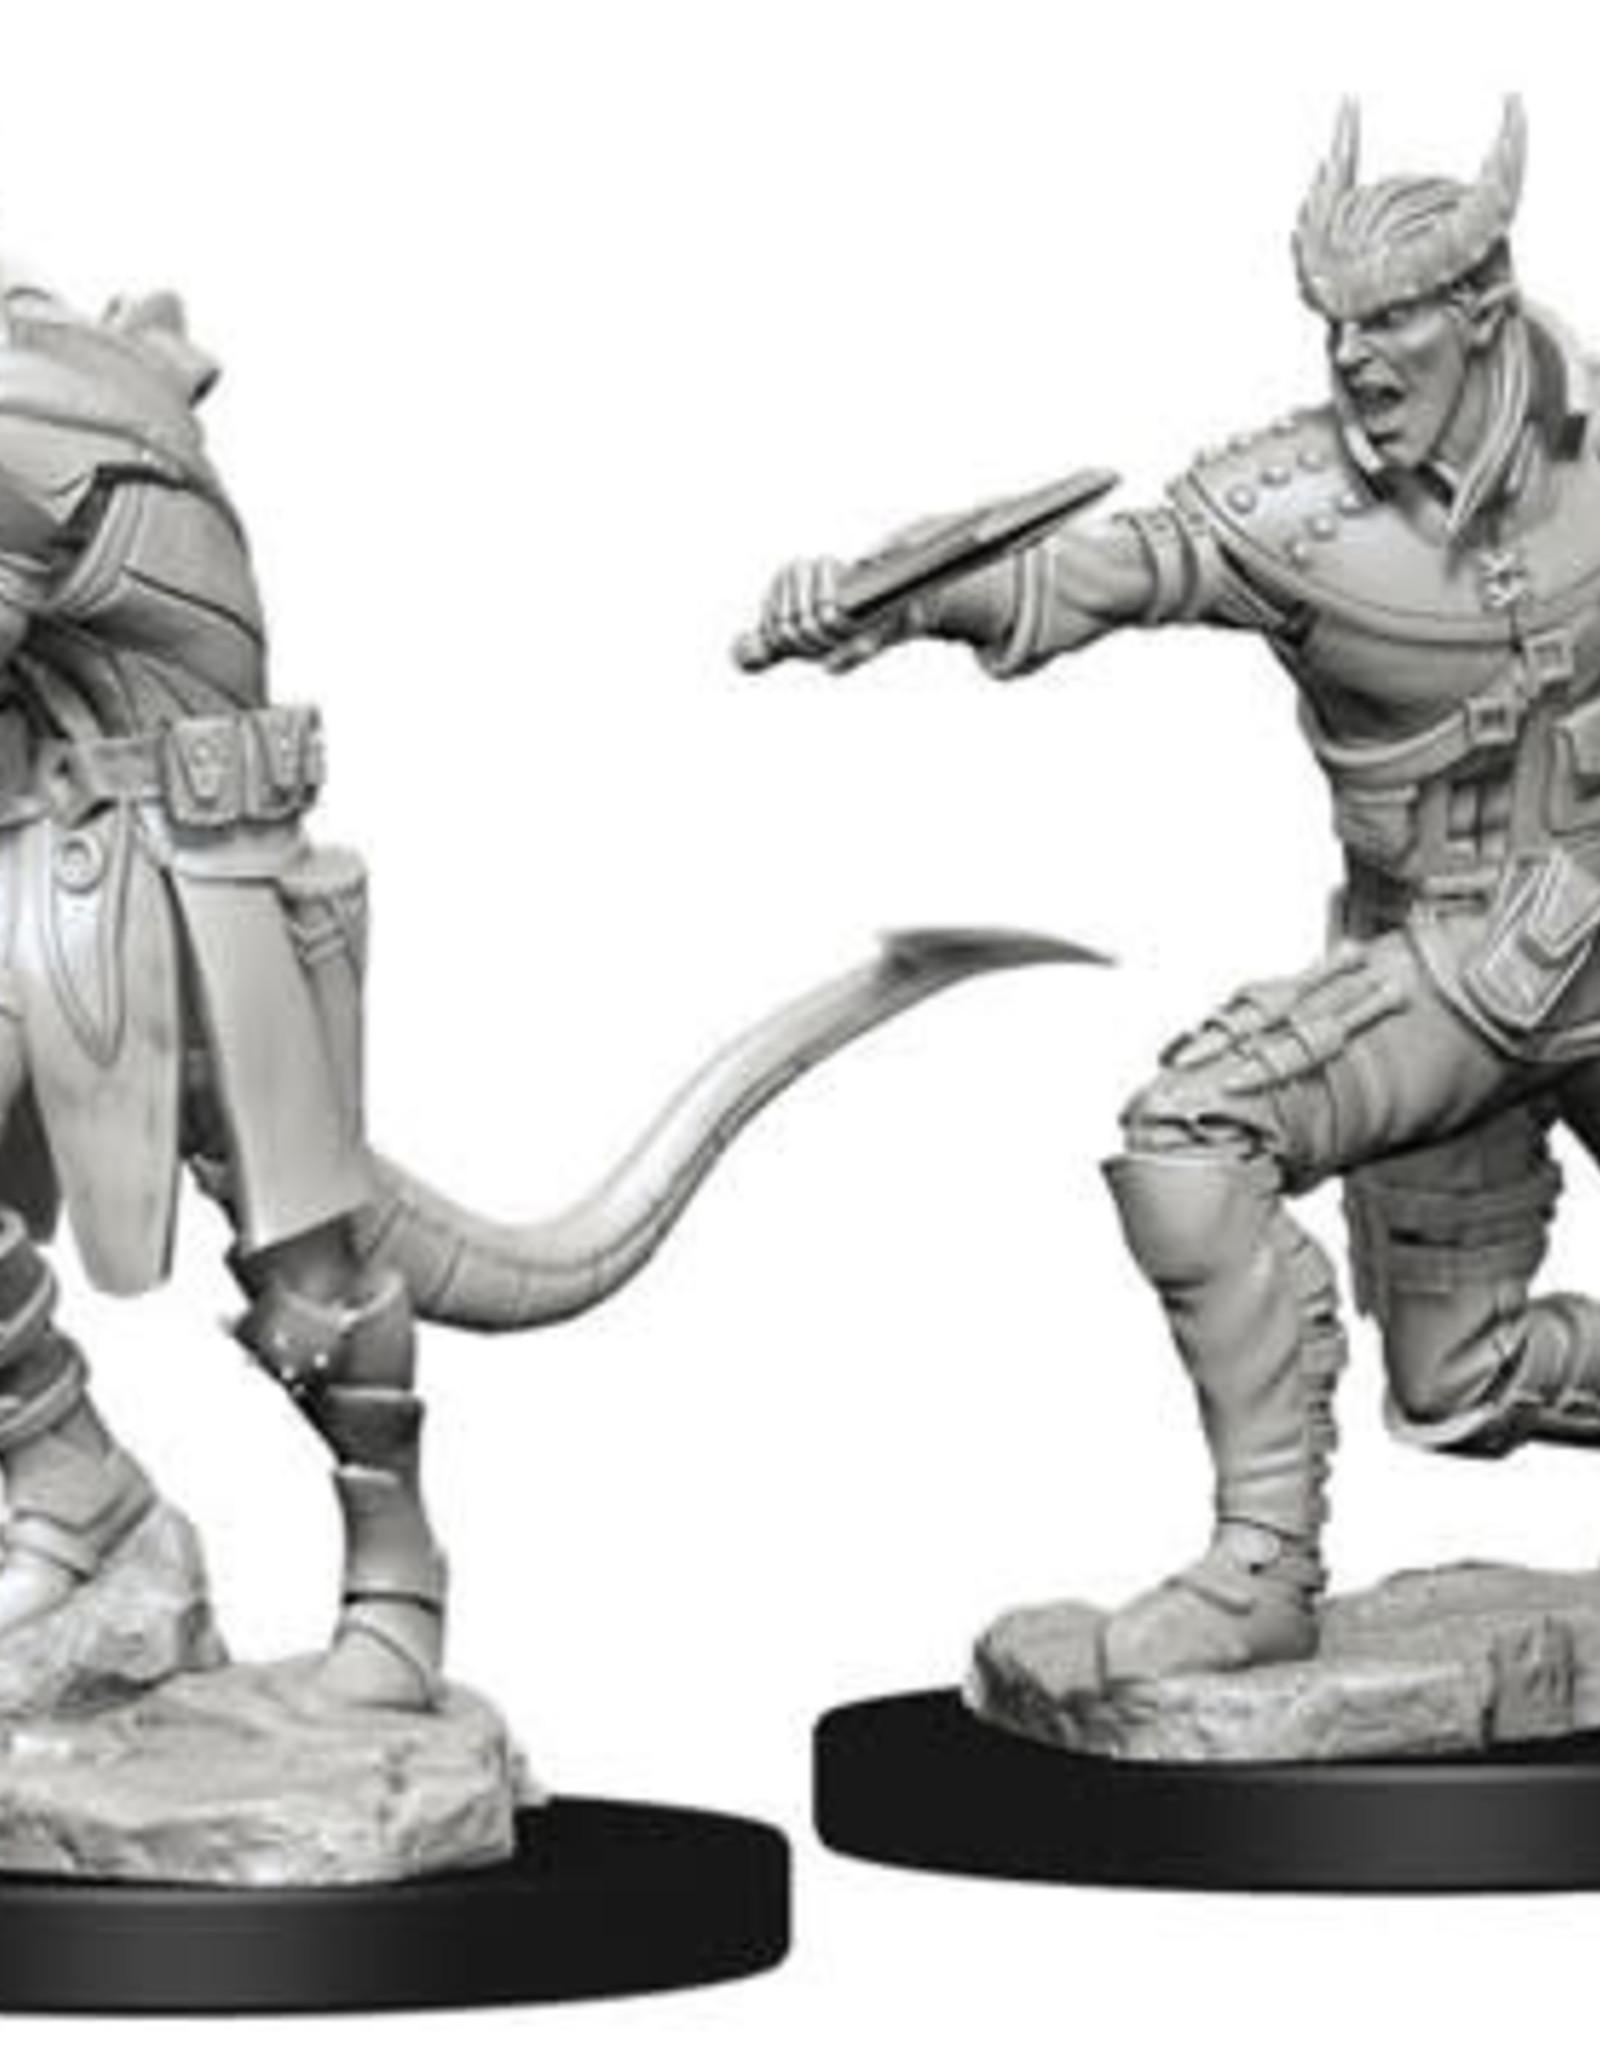 WizKids D&D Nolzur Tiefling Rogue  (He/Him/They/Them)